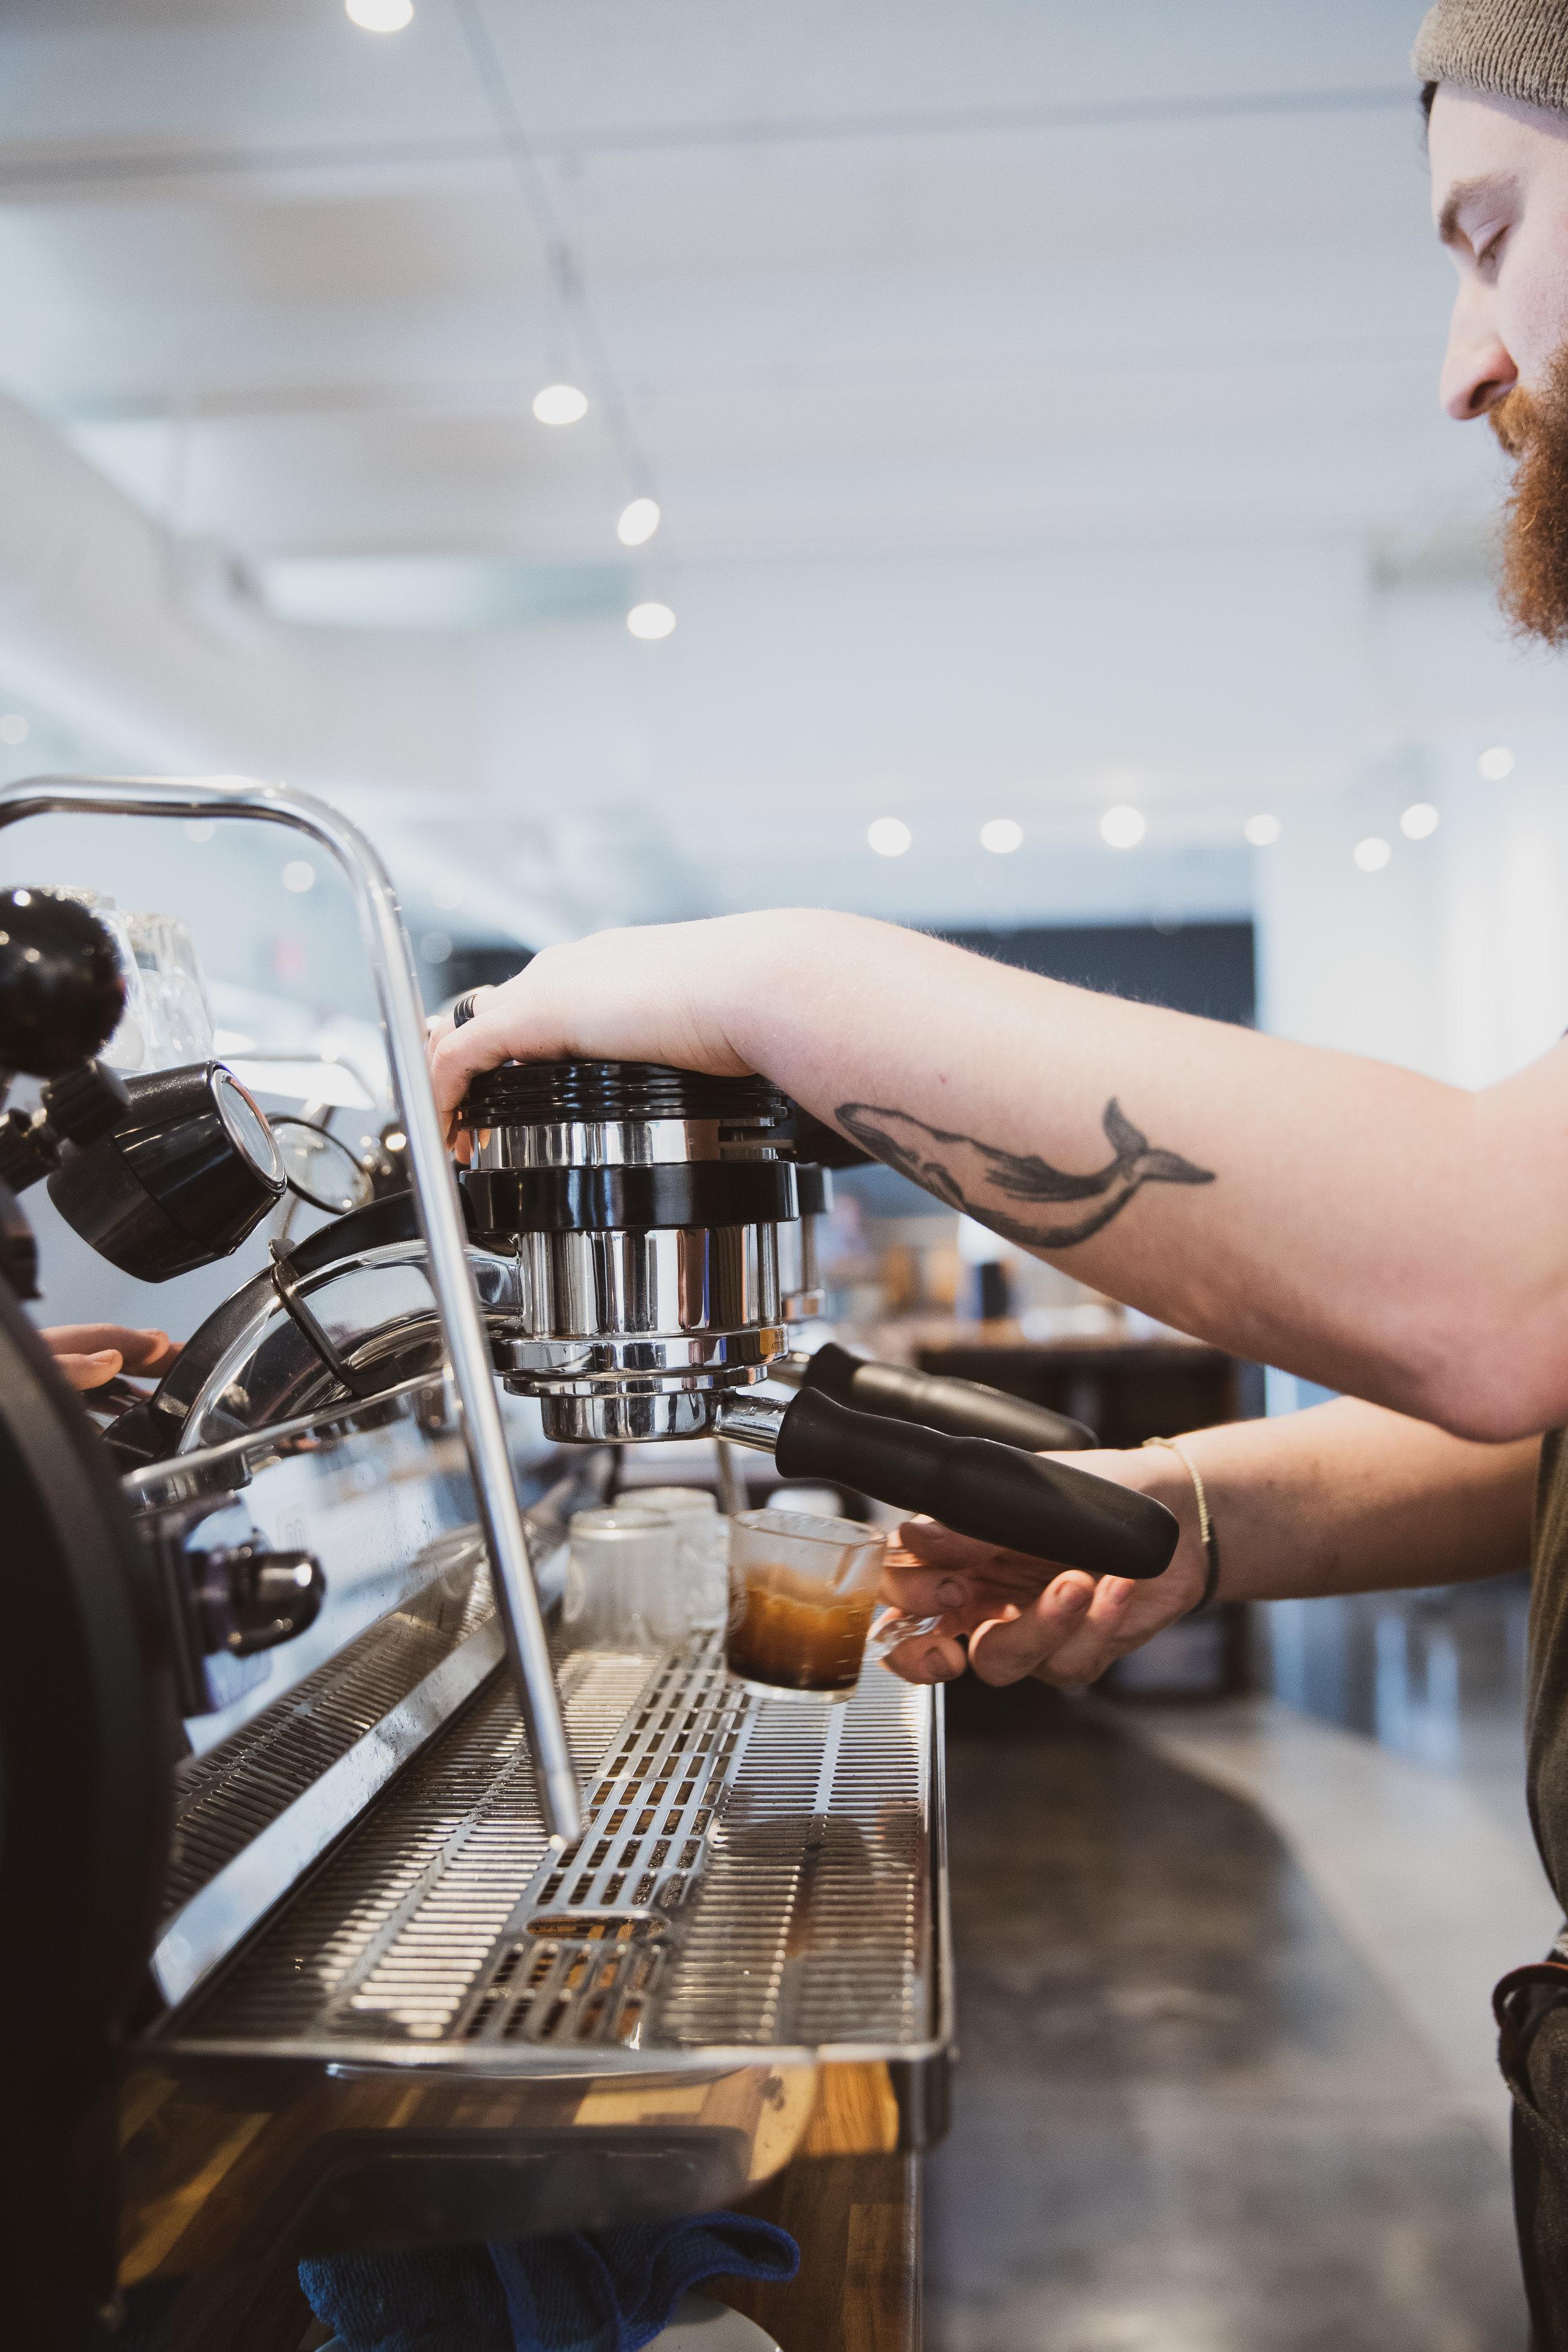 coffeeshop-photography-9I0608.jpg